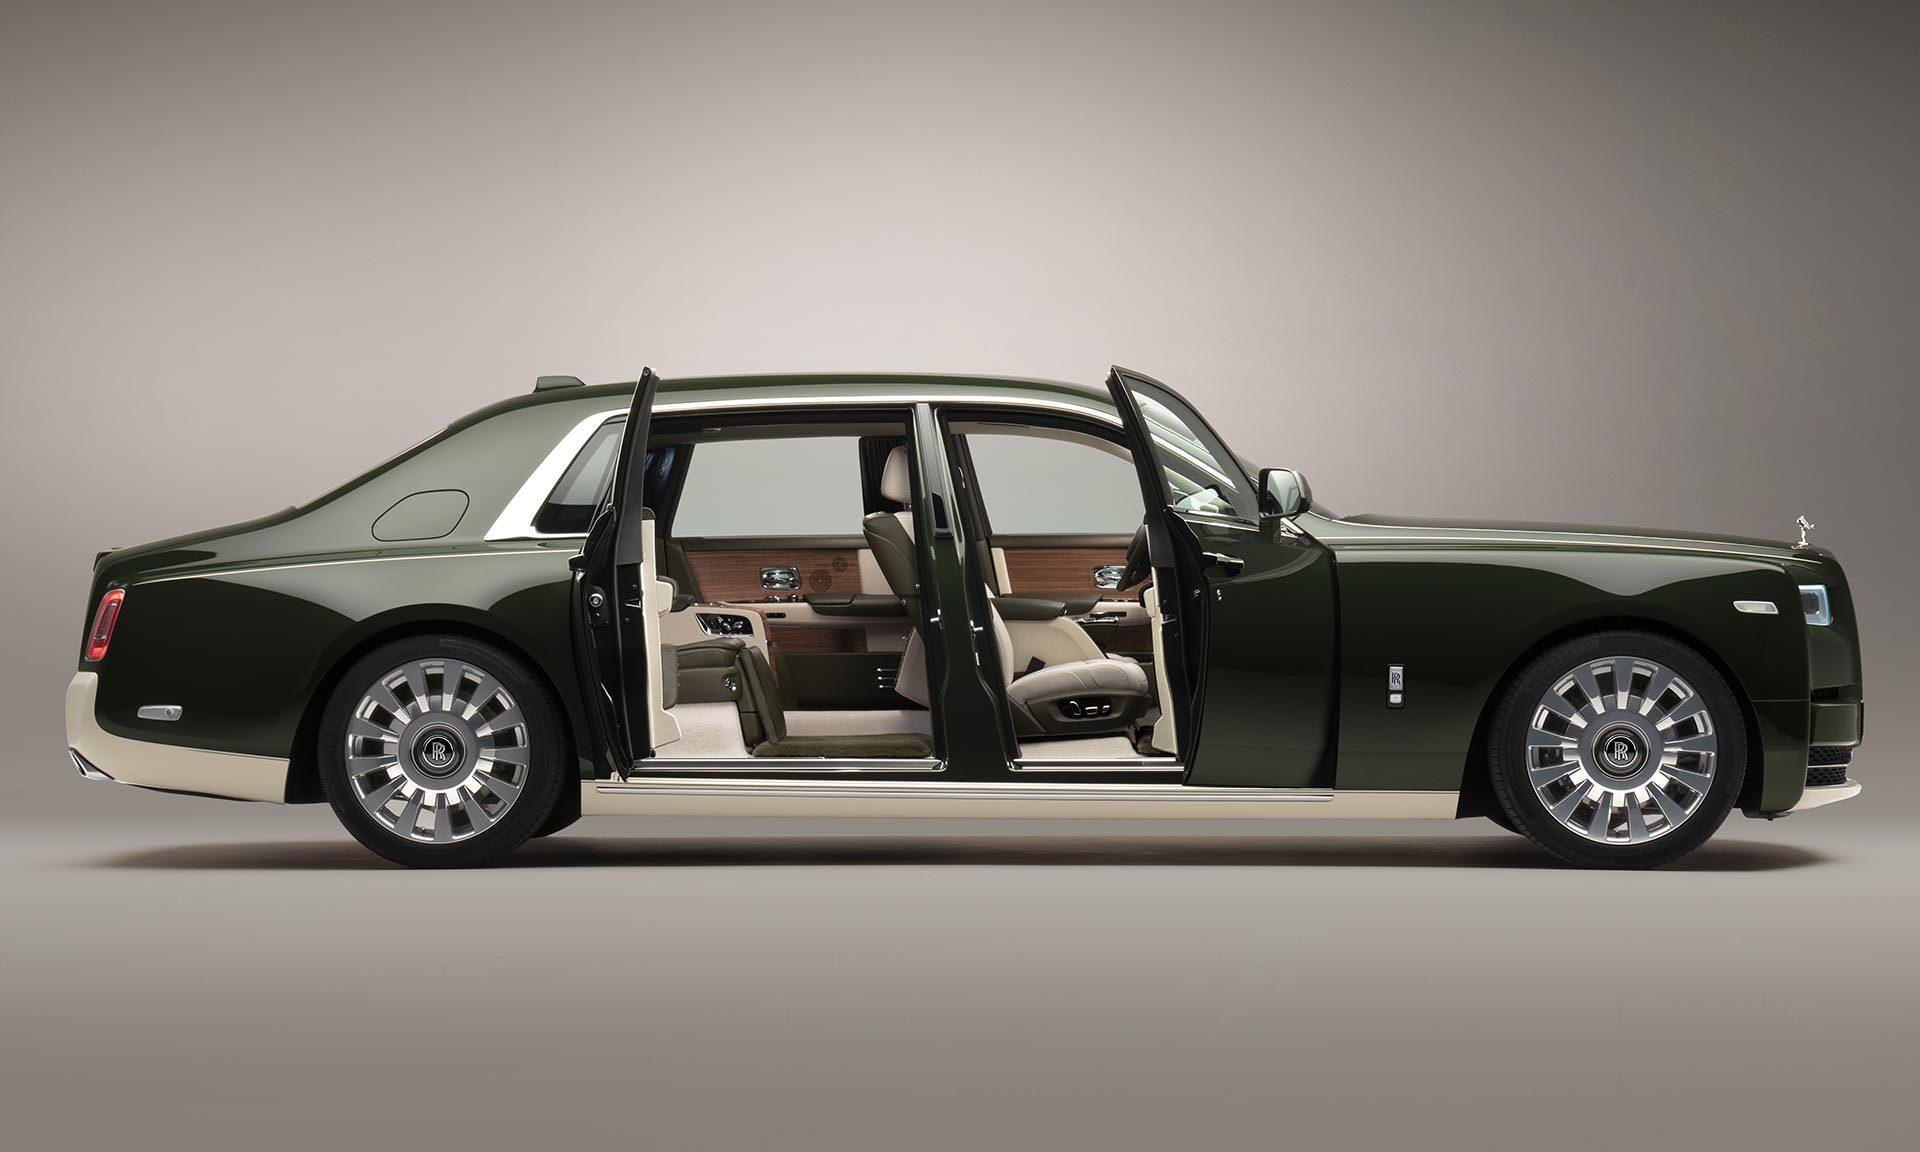 Rolls-Royce vyrobil namíru jedinečný Phantom Oribe sinteriérem odHermès